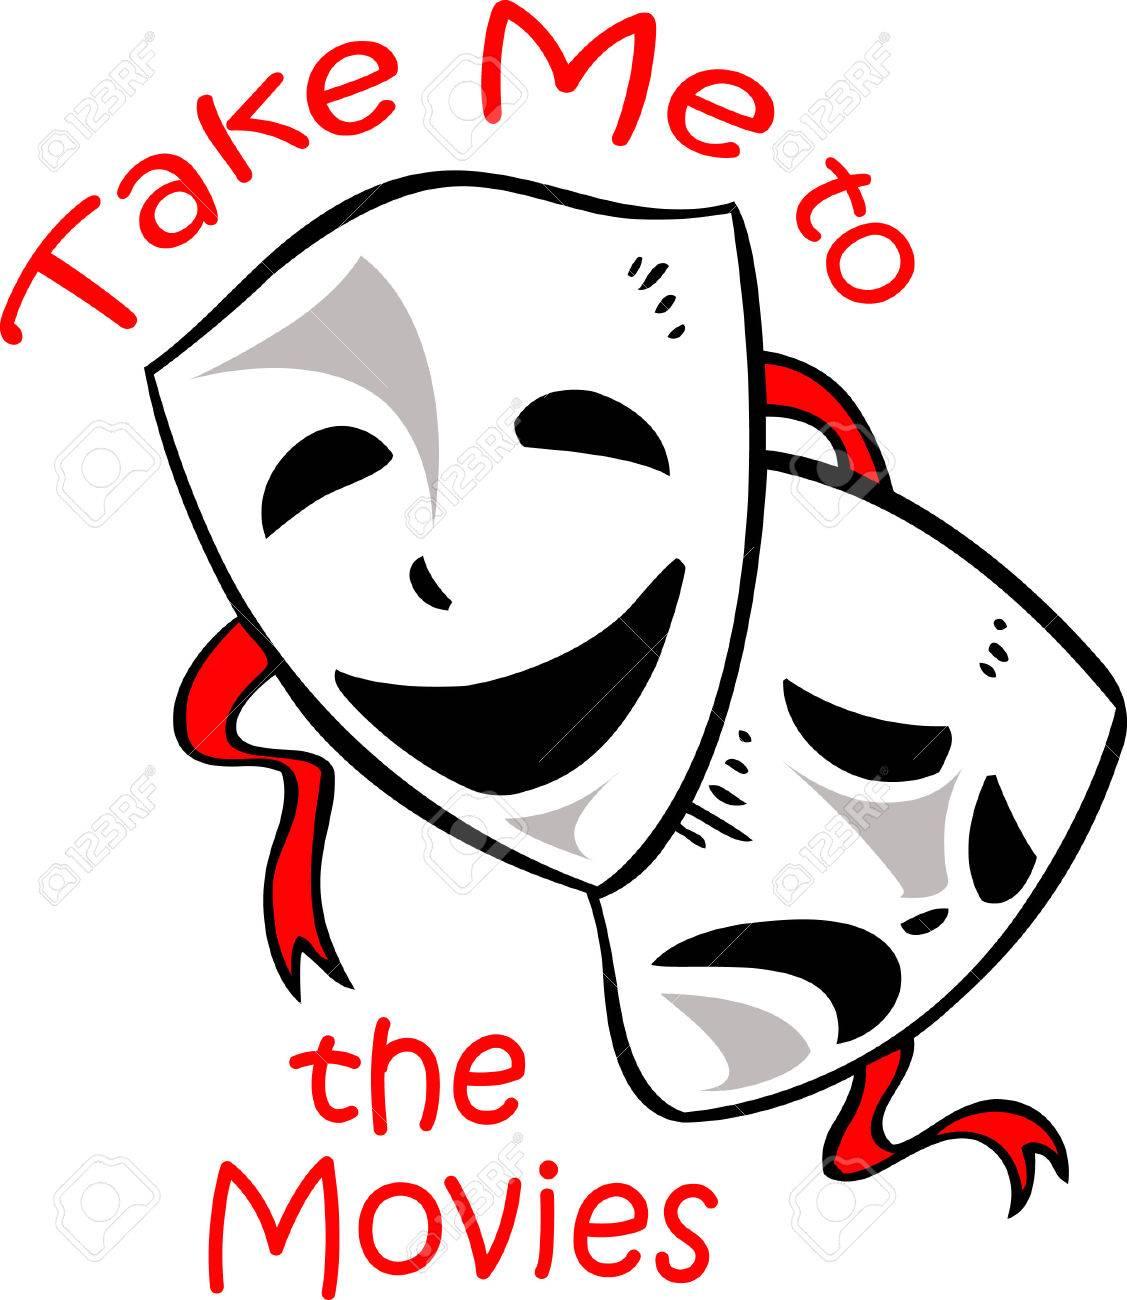 Banque d'images - Drame masques sont la conception parfaite pour promouvoir  le département d'art dramatique.